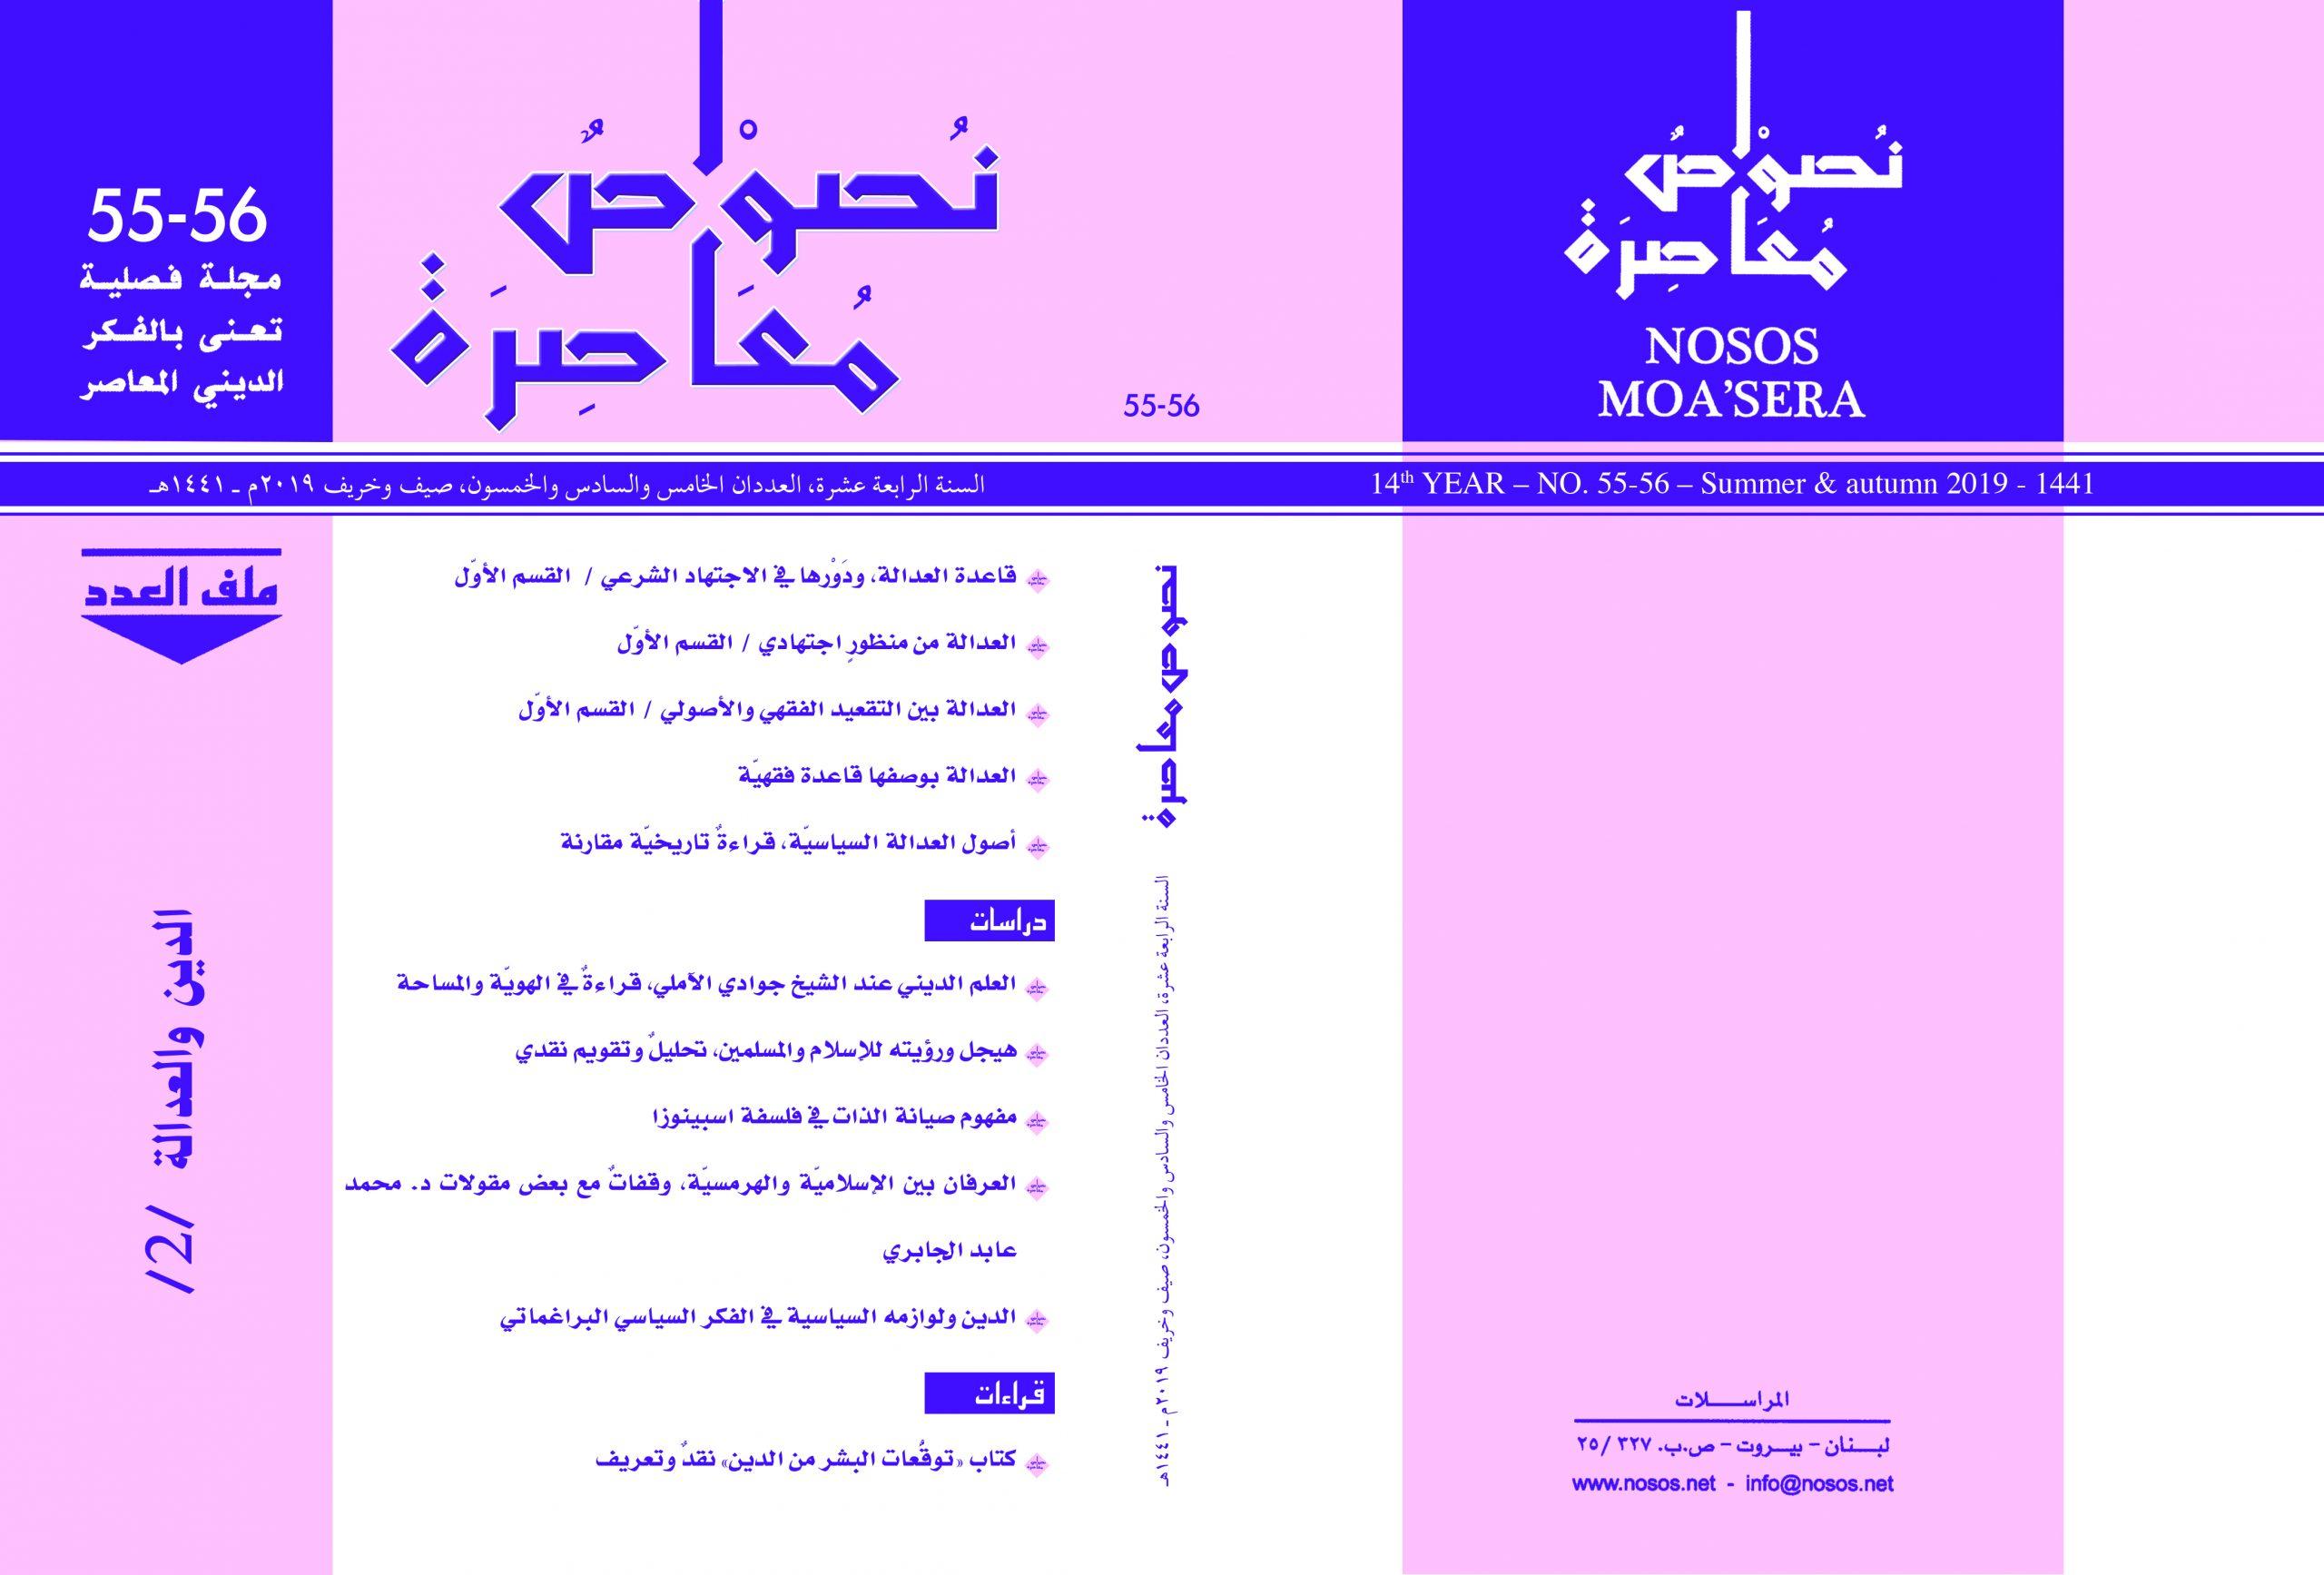 قراءة في العدد المزدوج (55-56) من مجلة نصوص معاصرة